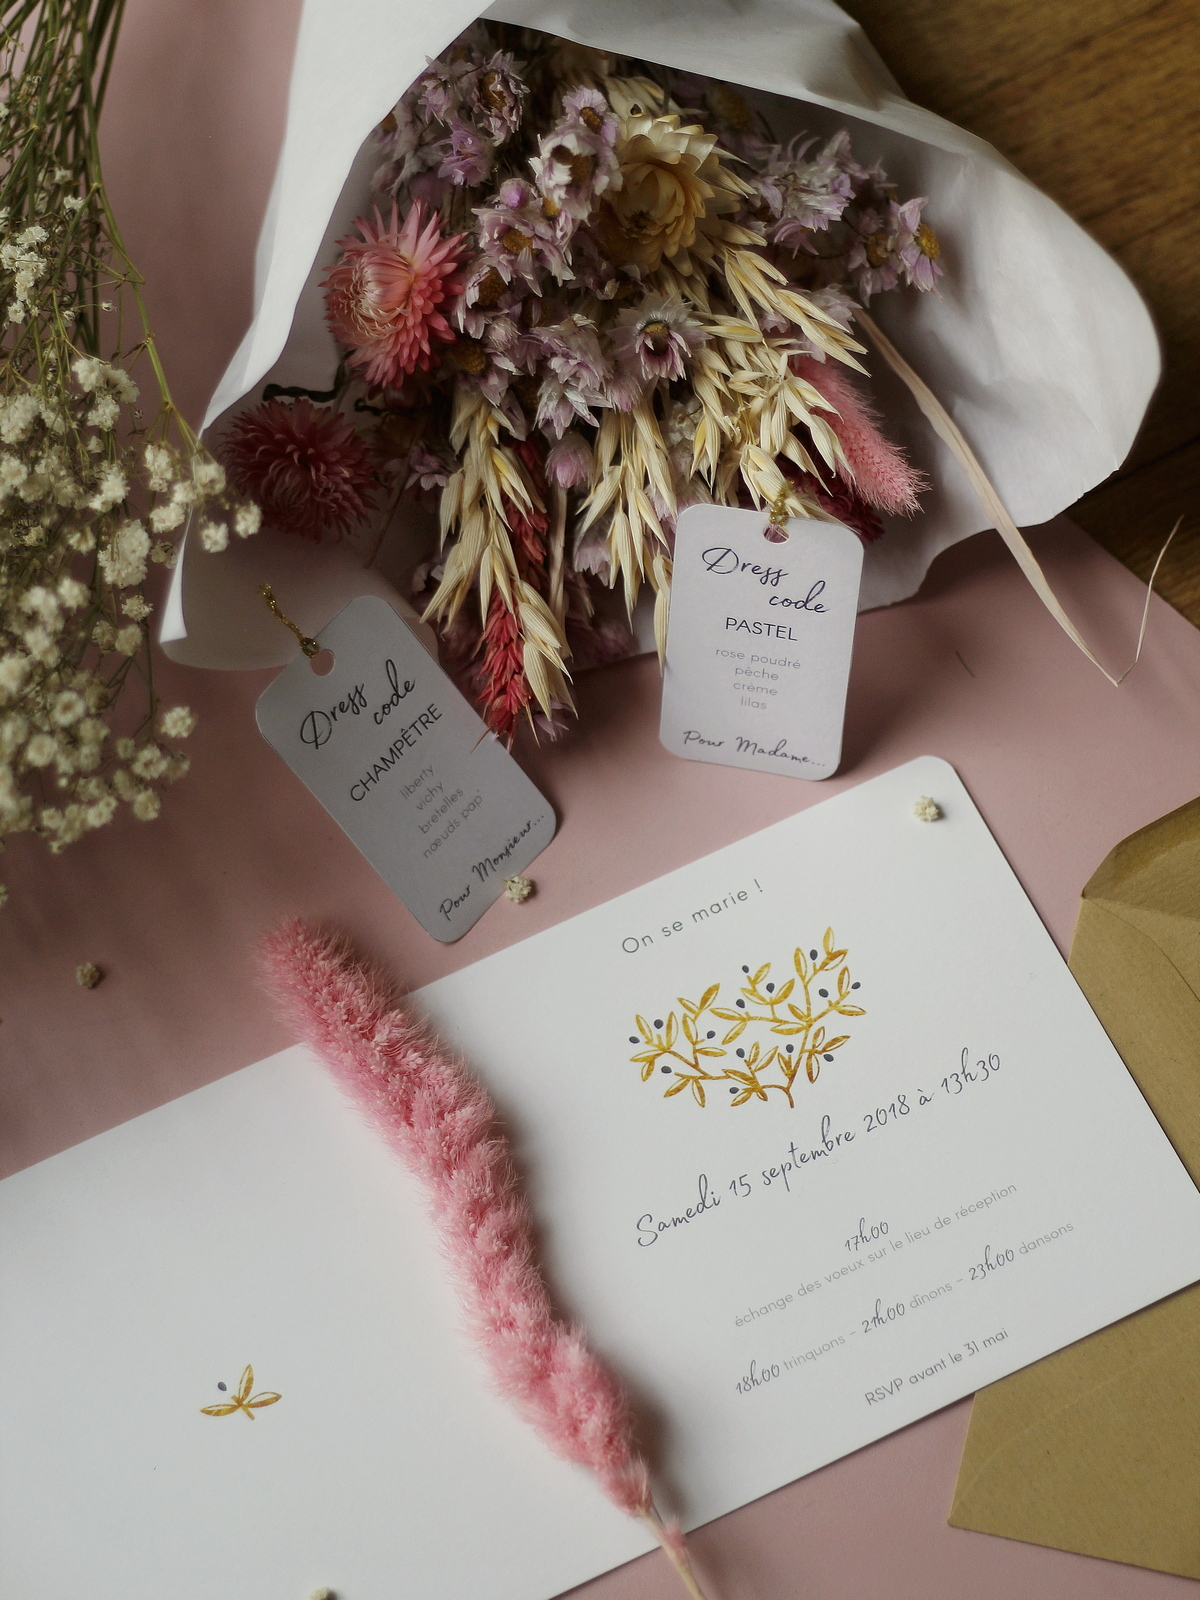 faire-part mariage champetre pas cher - popcarte - du style madame - chic - original